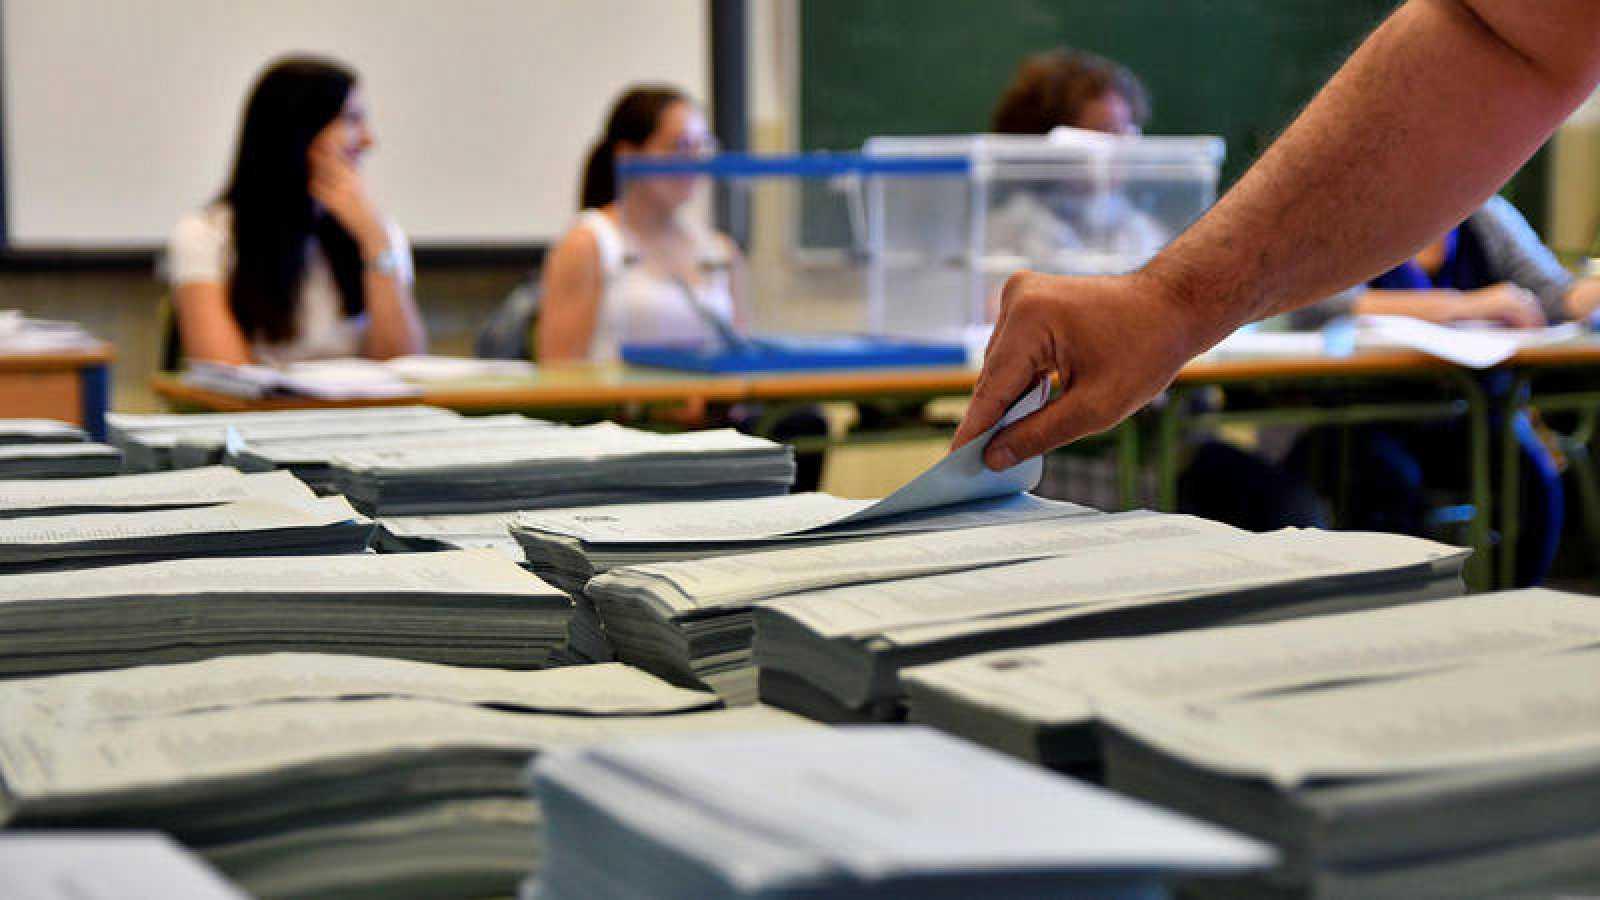 La participación de este 26 de mayo representa el sexto dato más alto en la historia electoral desde 1979.